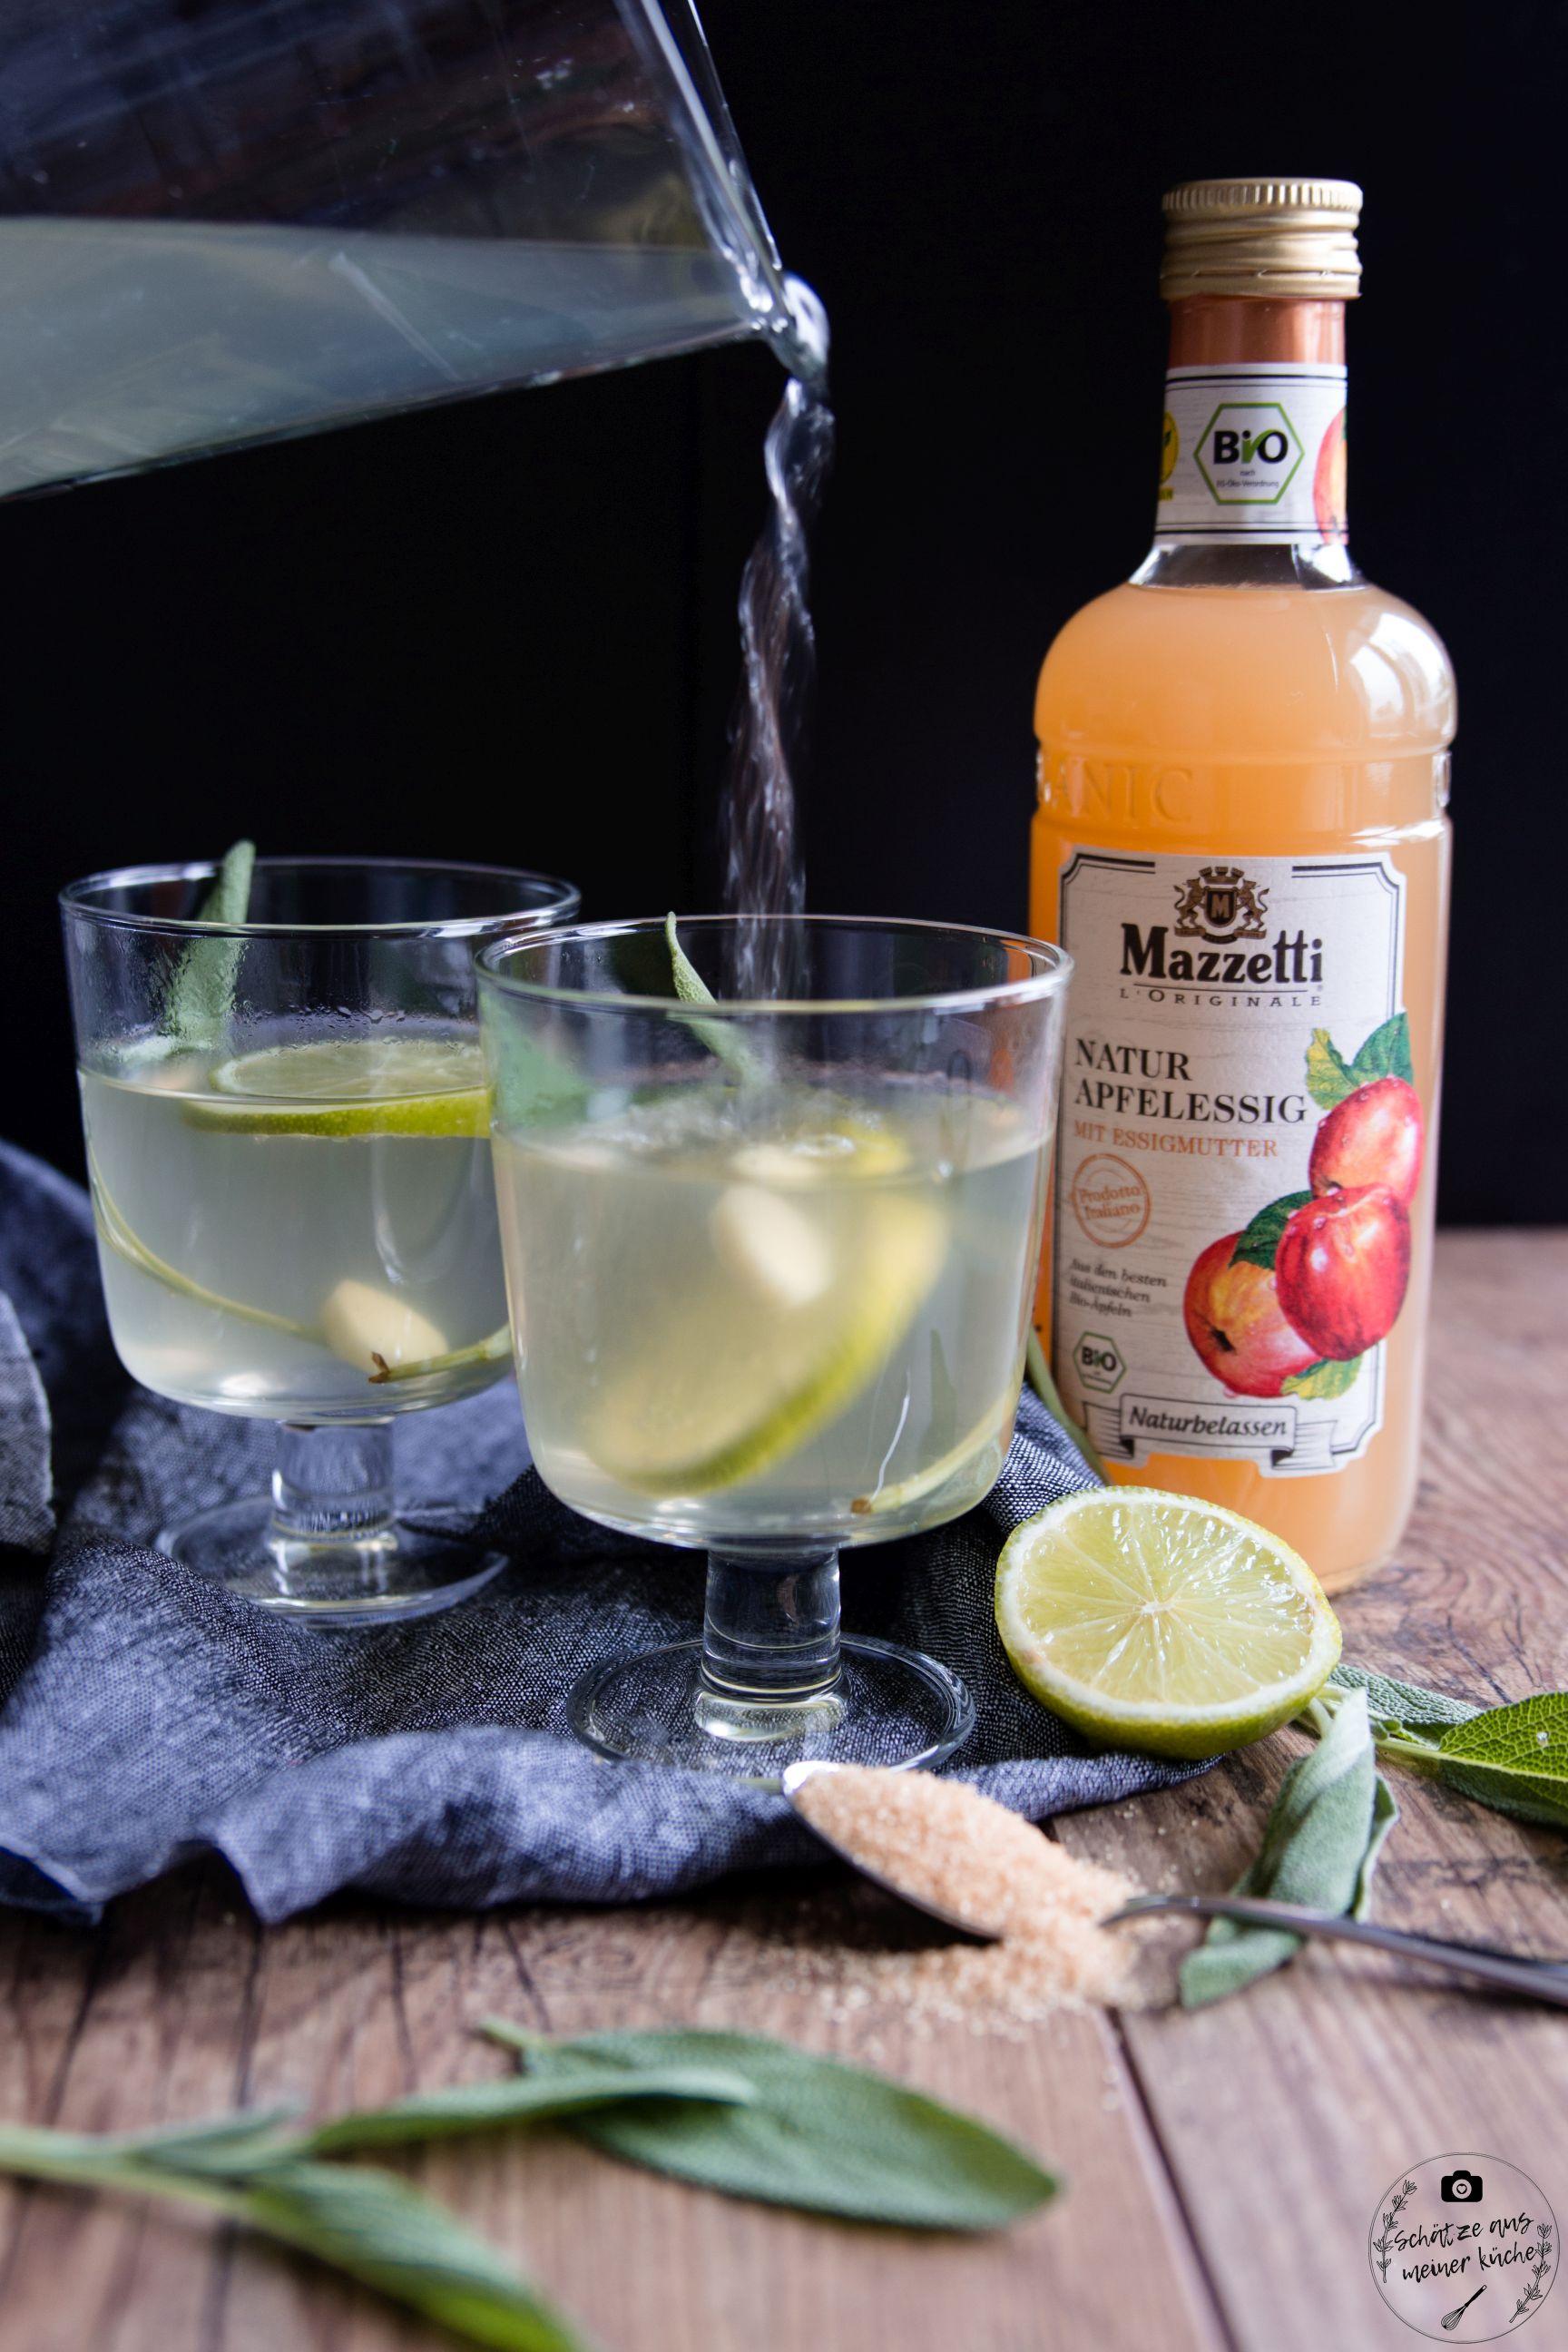 Ginger-Sage-Tea mit Apfelessig Mazzetti l'Originale